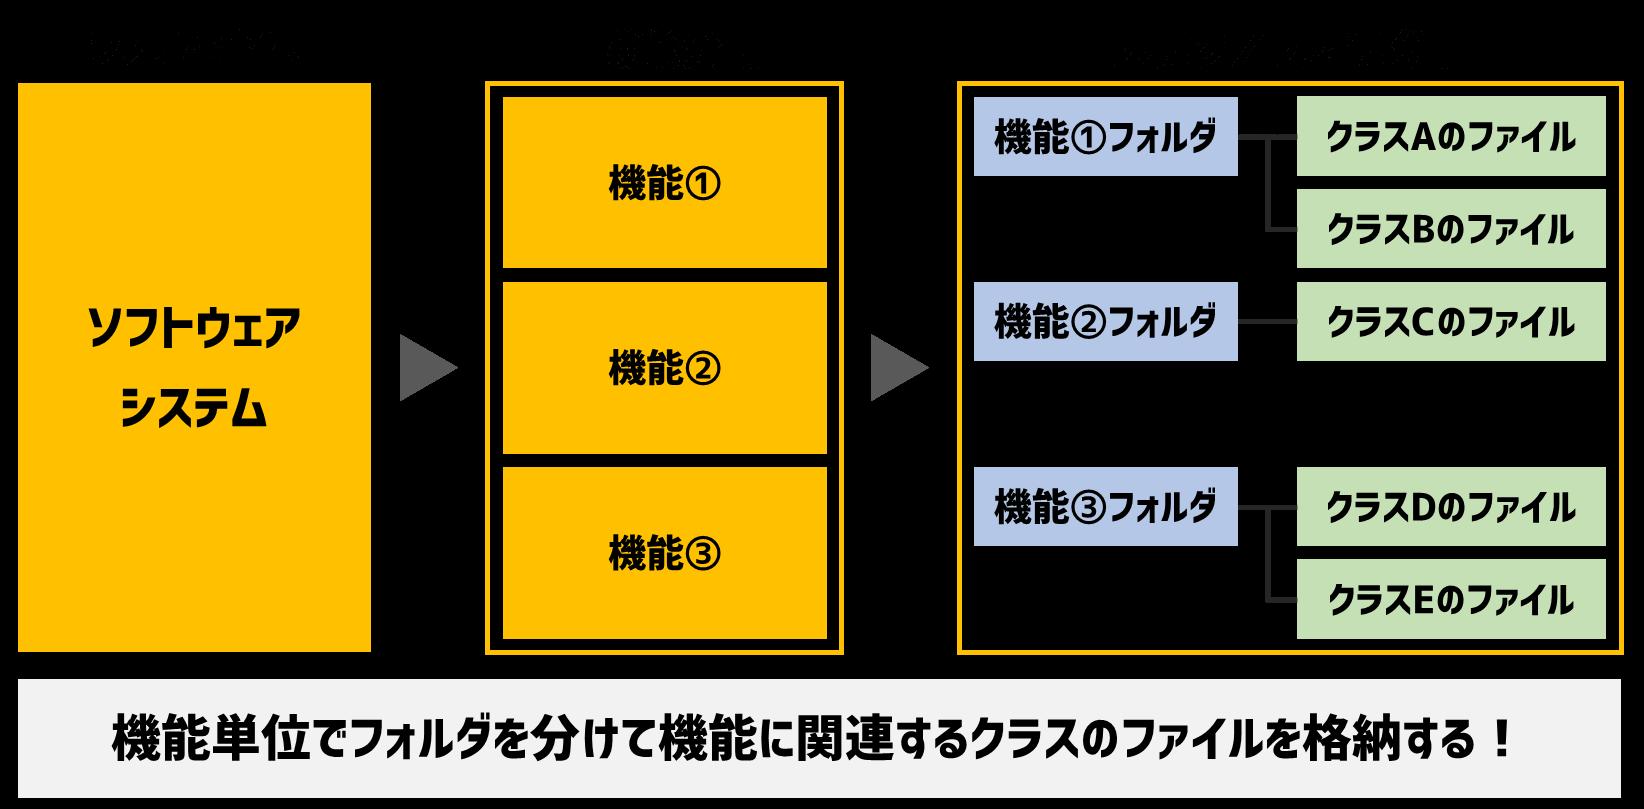 システムのフォルダとファイルの管理方法